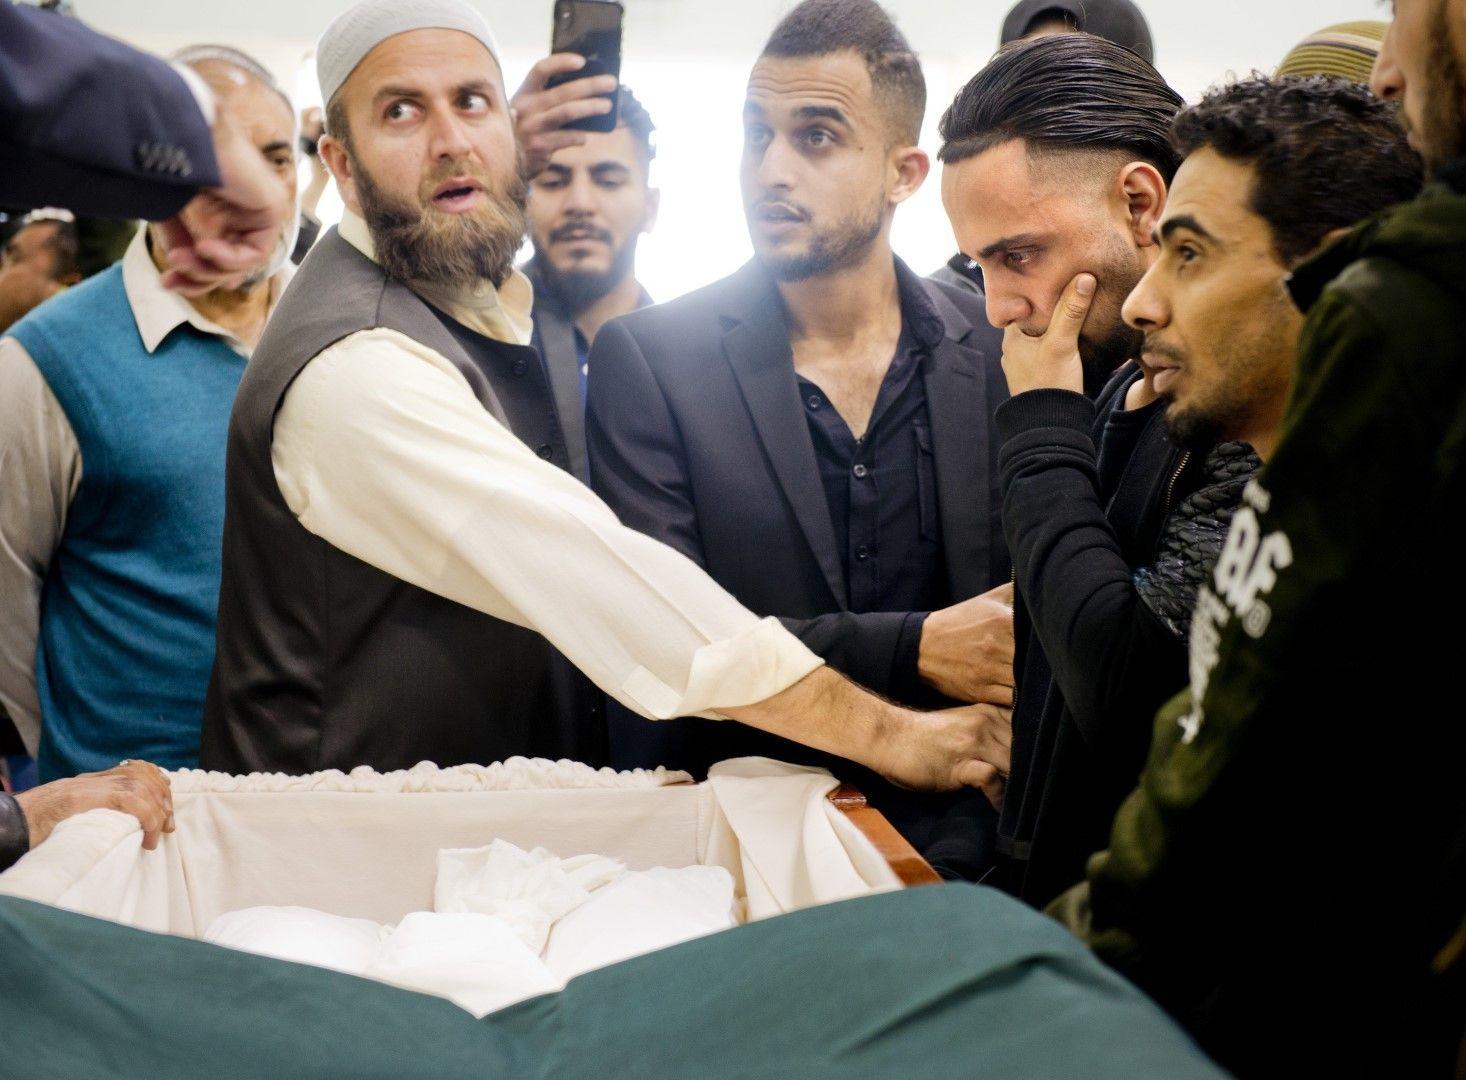 Али Хасан - вторият отляво, по време на церемонията по погребението на Абдулахбва